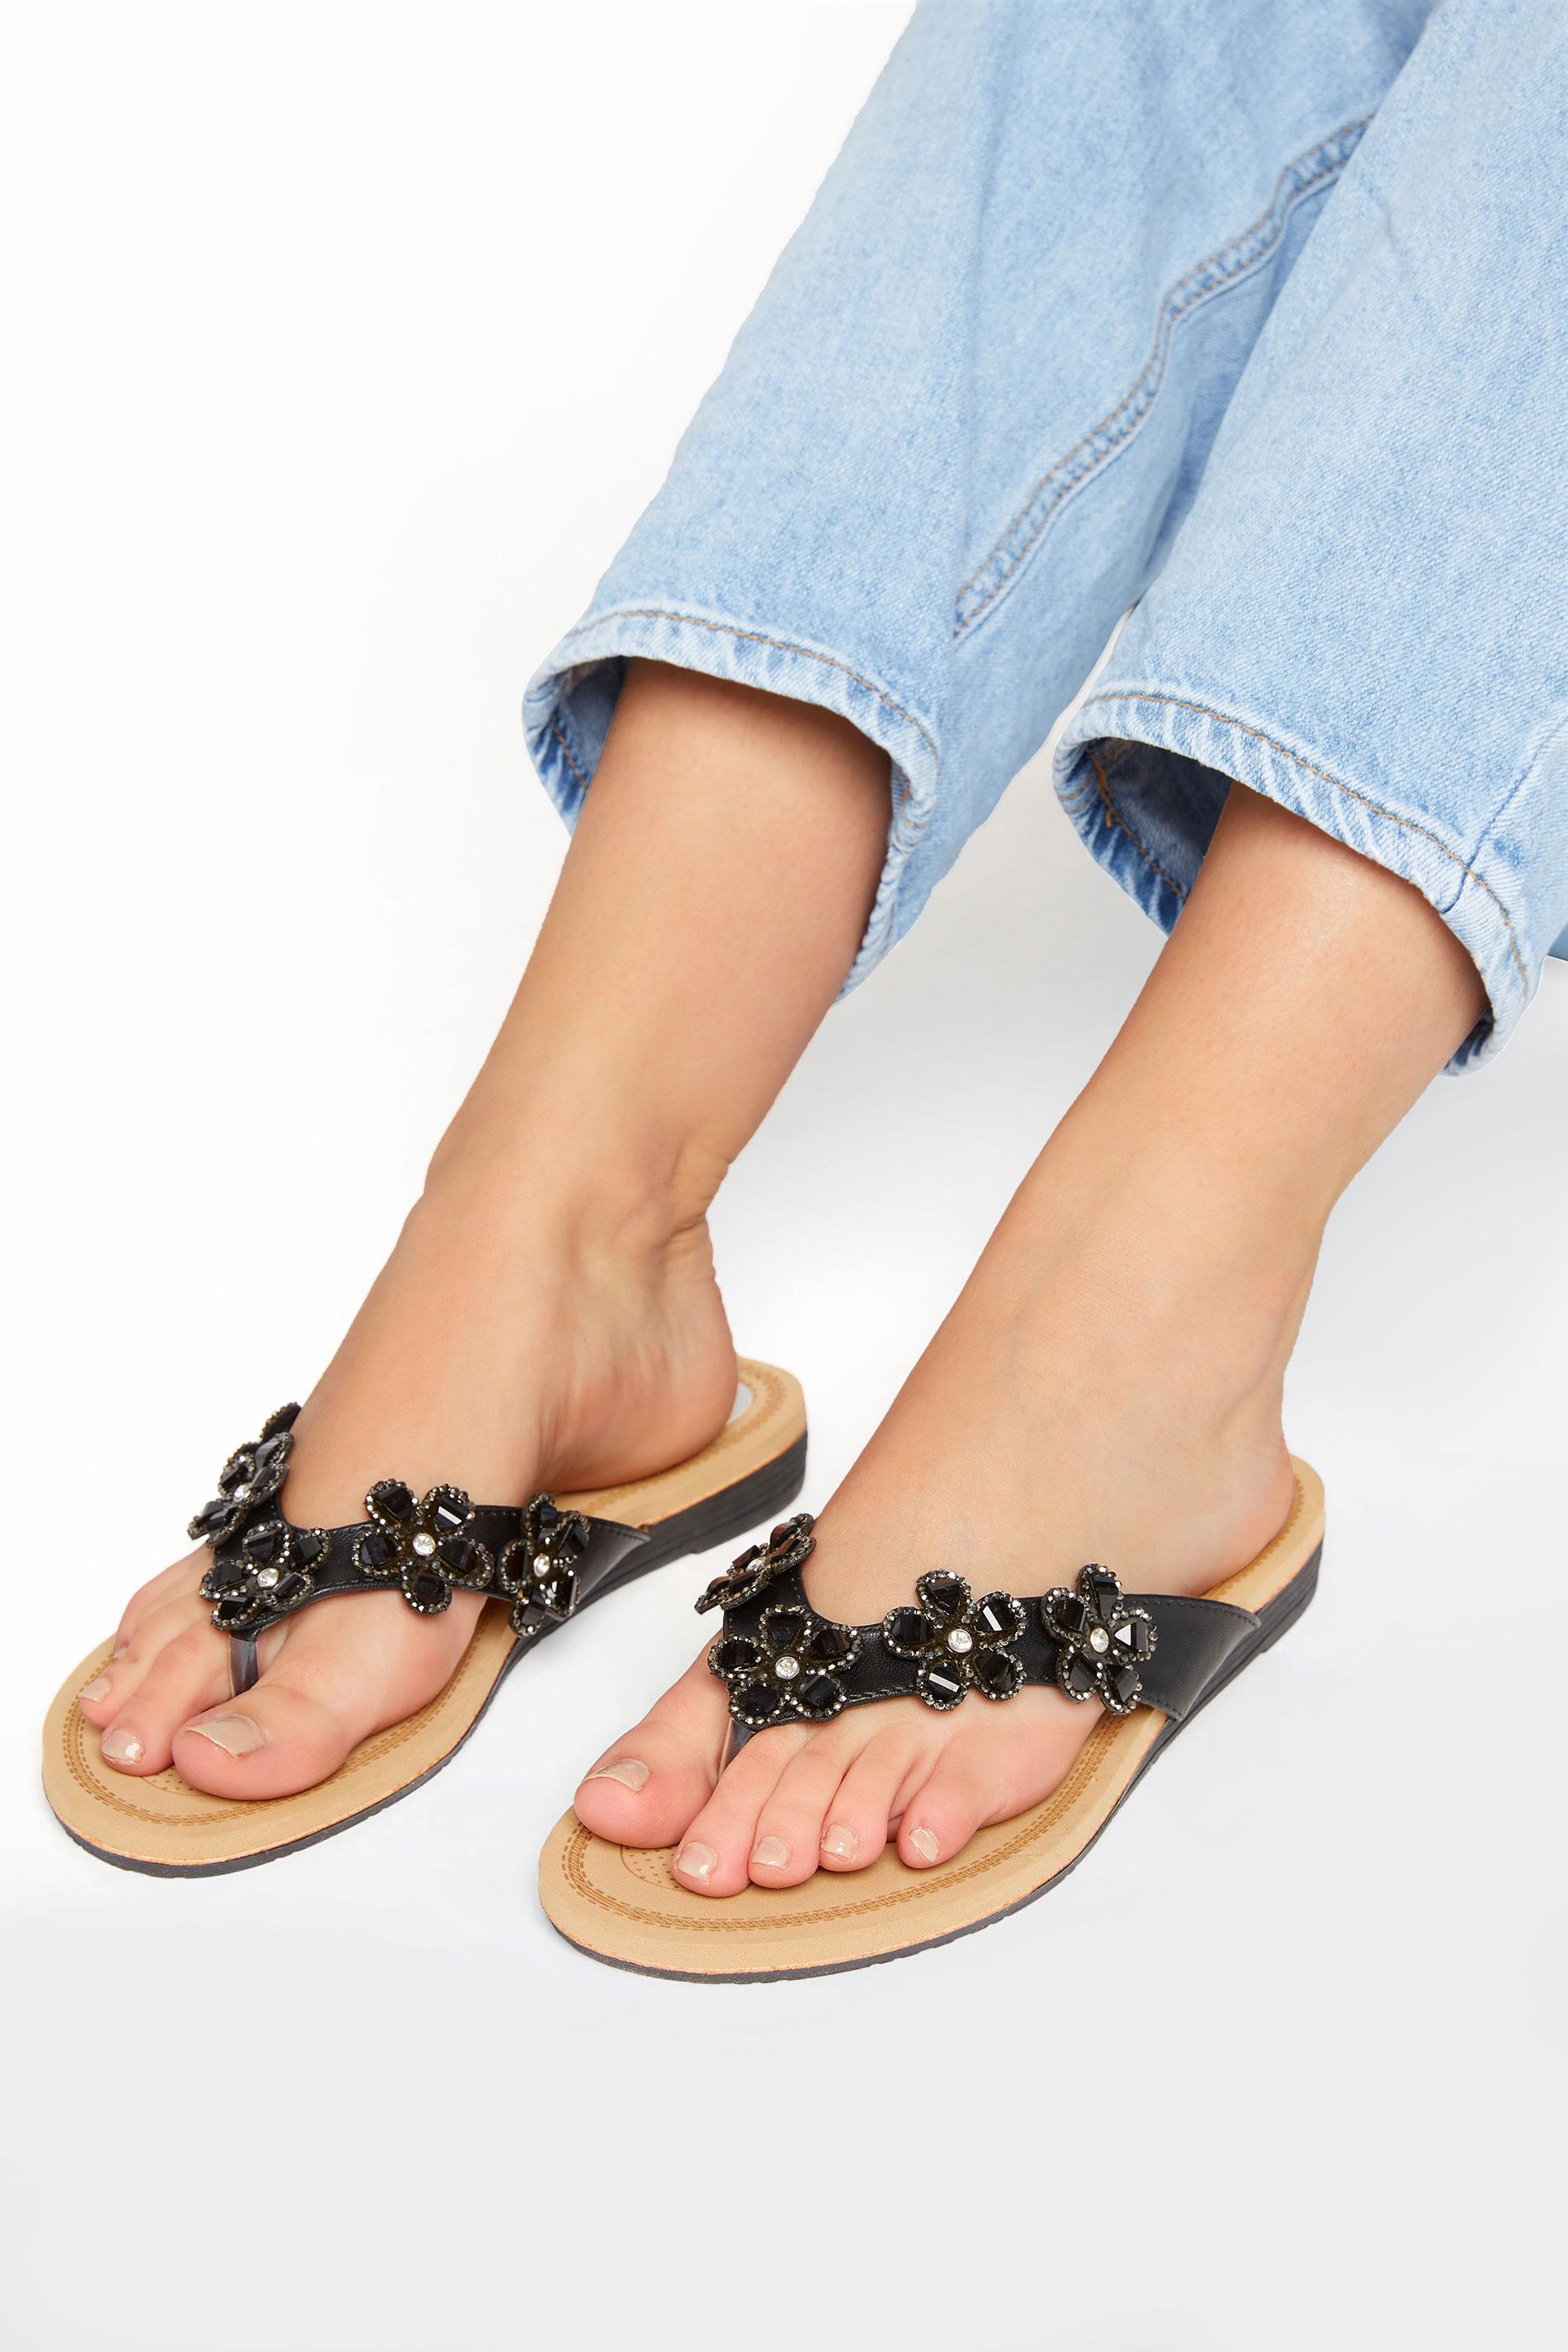 Yours Black Flower Gem Sandals in Regular Fit